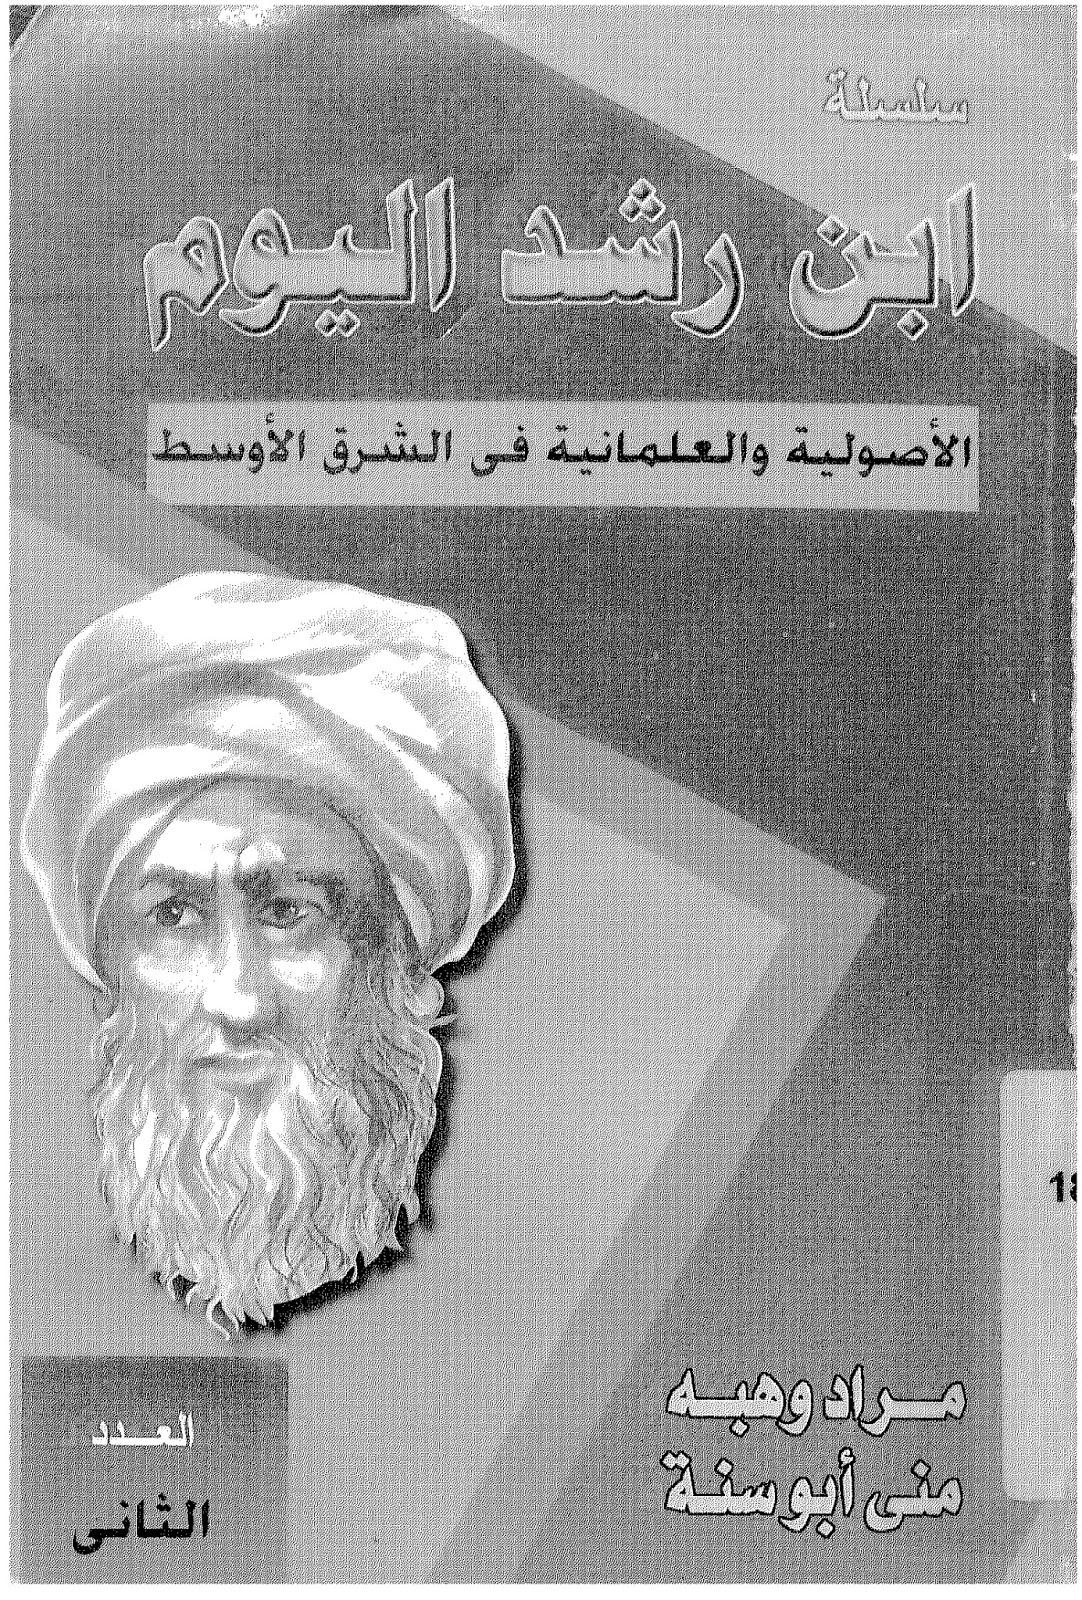 ابن رشد اليوم ( الأصولية والعلمانية في الشرق الأوسط ) - مراد وهبة ومنى أبو سنة pdf